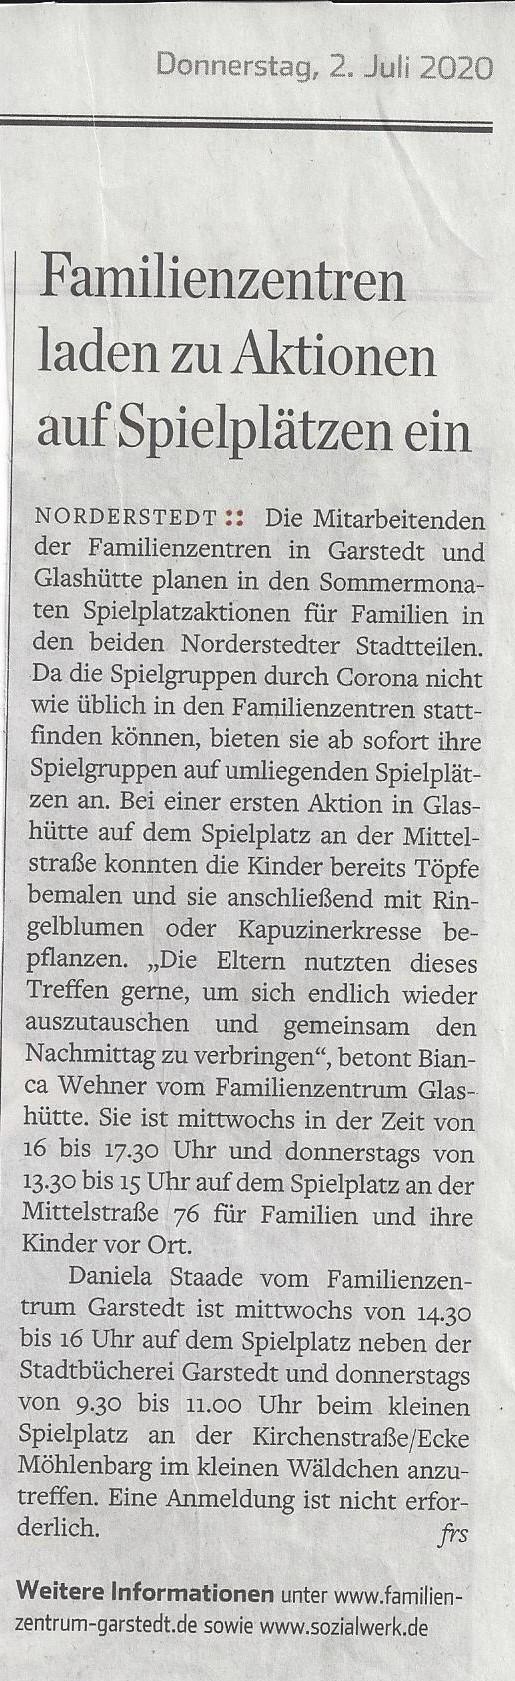 Hamburger Abendblatt - Norderstedt 02.07.2020